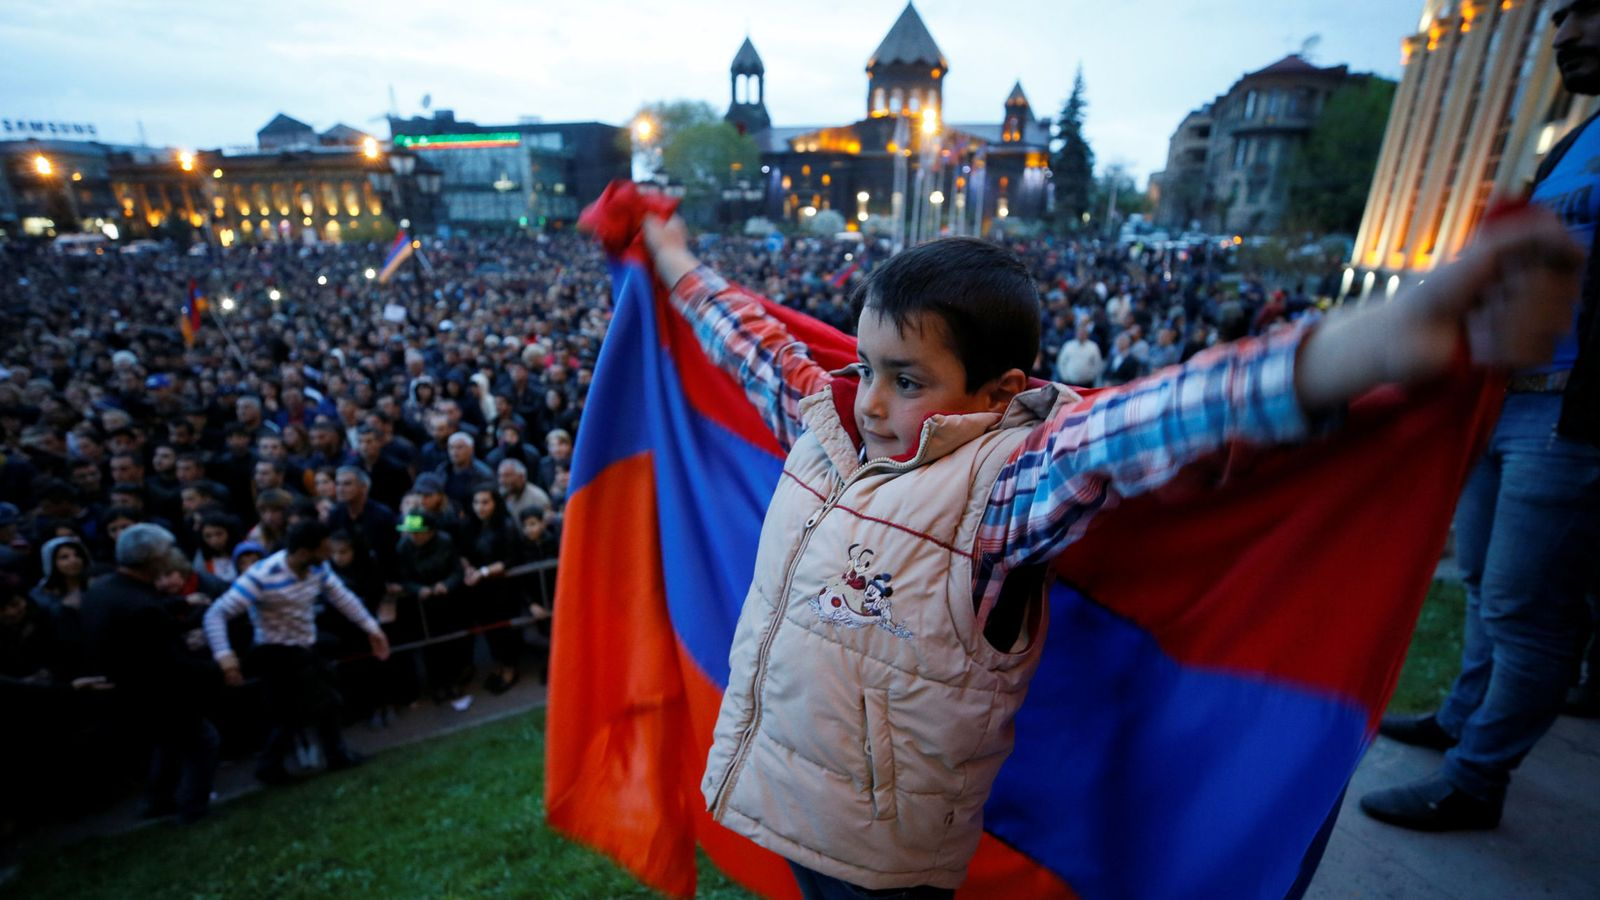 Foto: Un niño sostiene una bandera armenia durante un mitin de la oposición en Gyumri, la segunda ciudad del país, el 27 de abril de 2018. (Reuters)